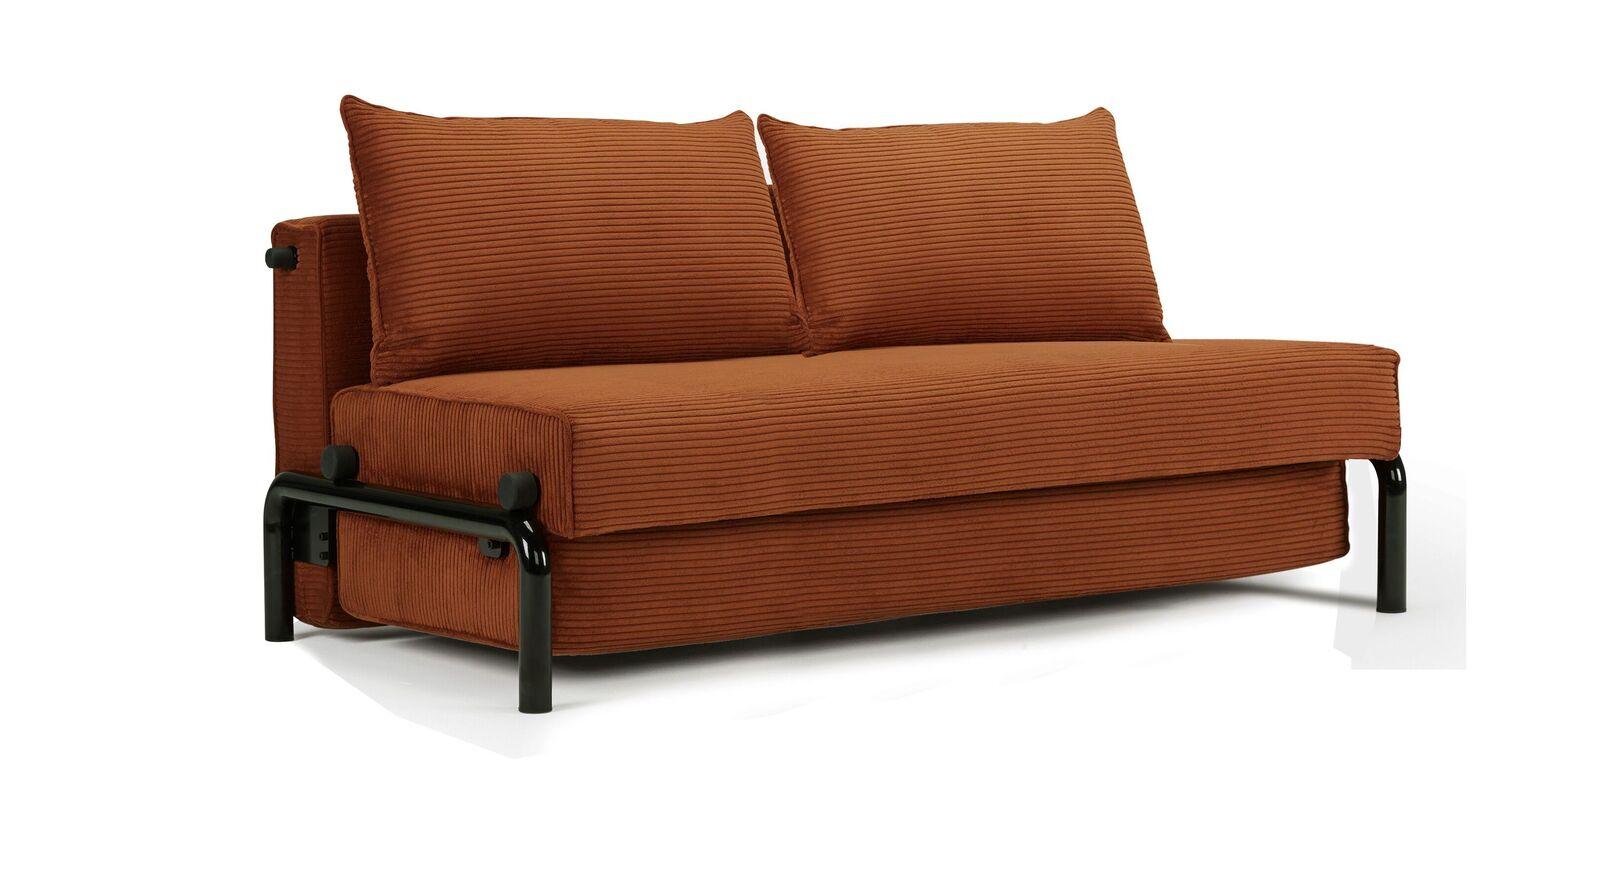 Zweisitzer-Schlafsofa Naoto mit orangenem Bezug